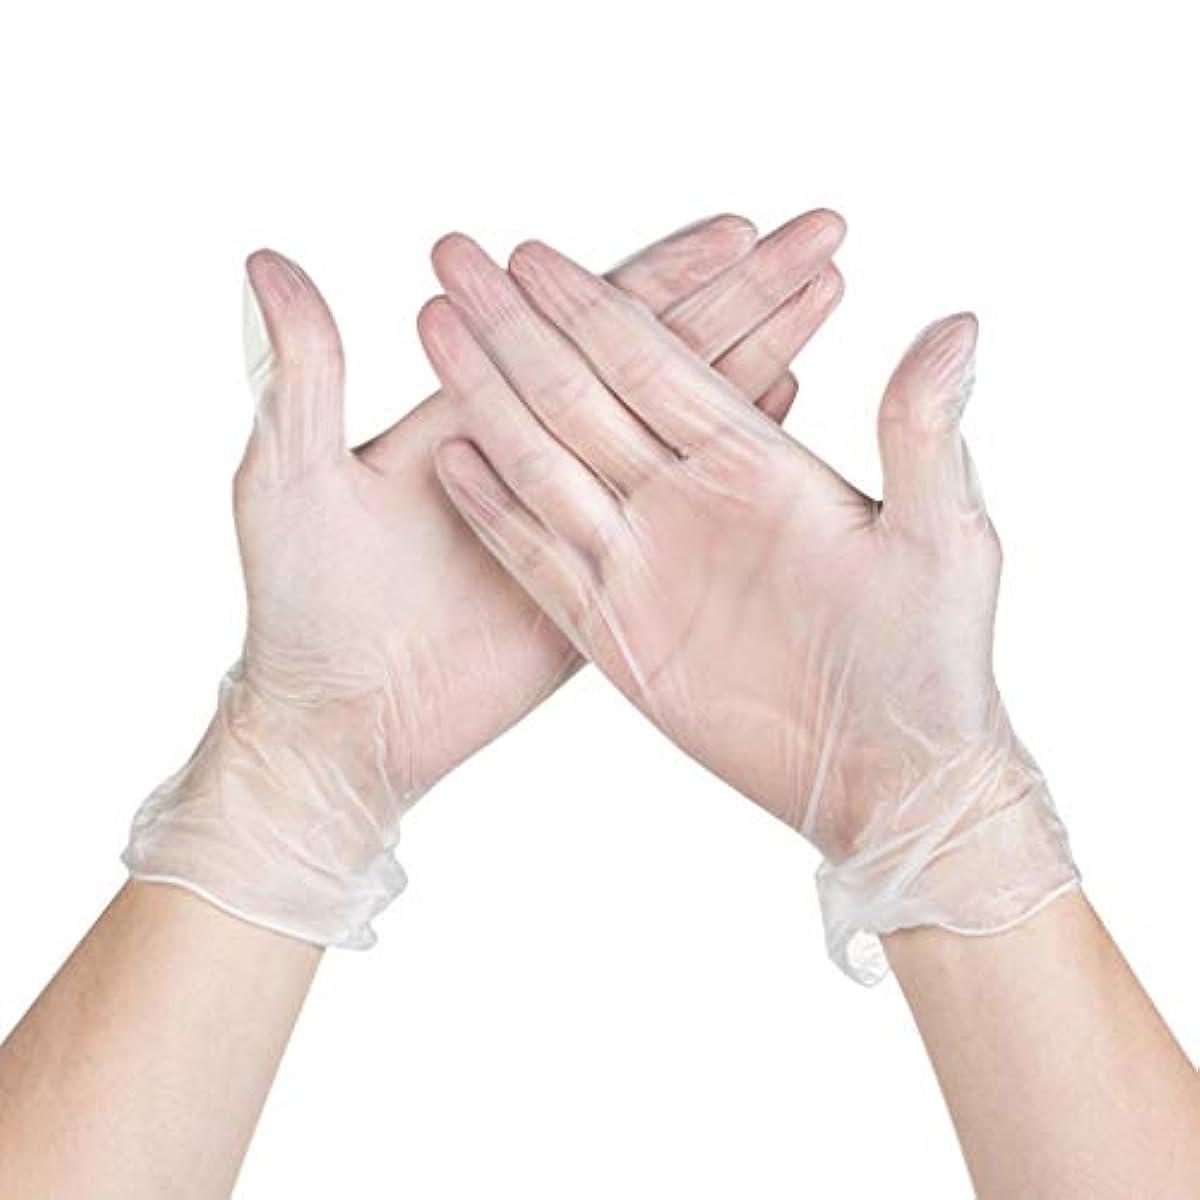 鎖耐えられないモディッシュパウダーフリーの使い捨て医療検査食品電子修理ホーム透明PVC使い捨て手袋箱入り YANW (色 : トランスペアレント, サイズ さいず : M m)